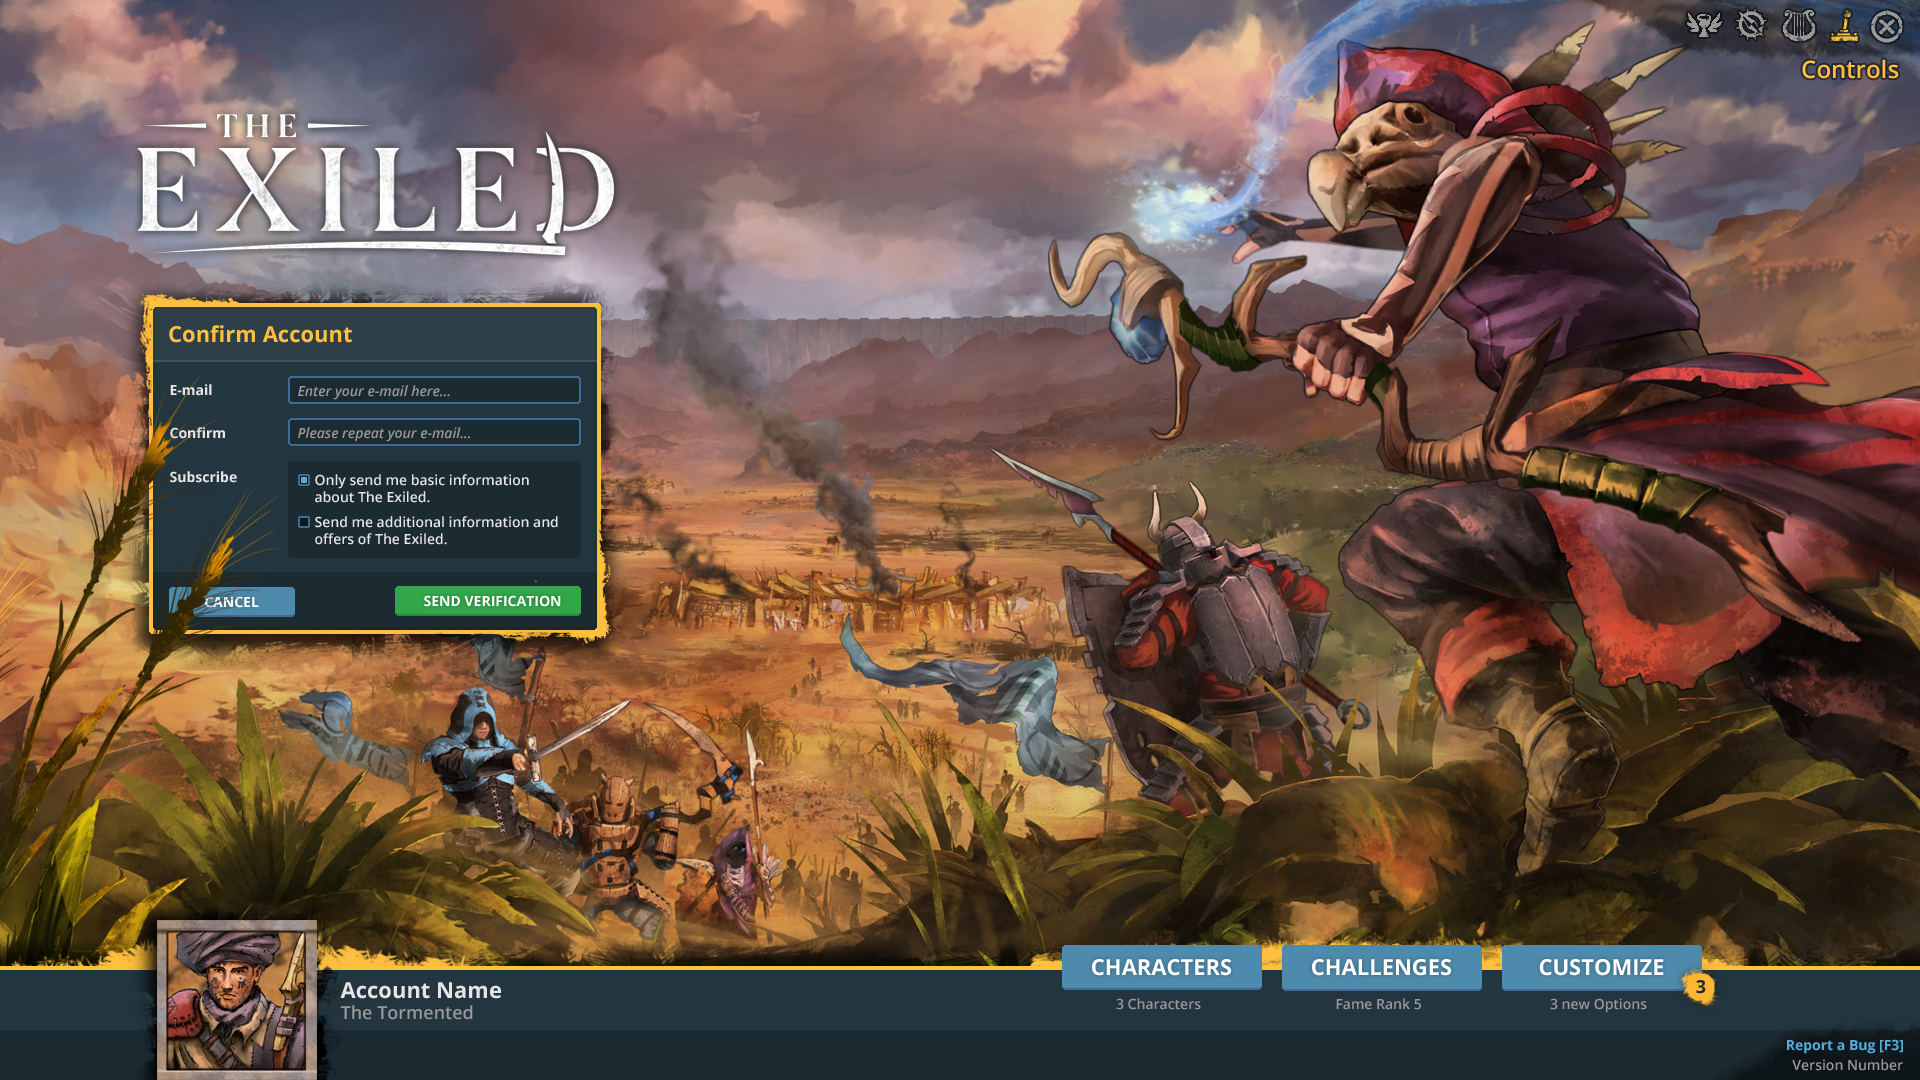 The Exiled - UI Design